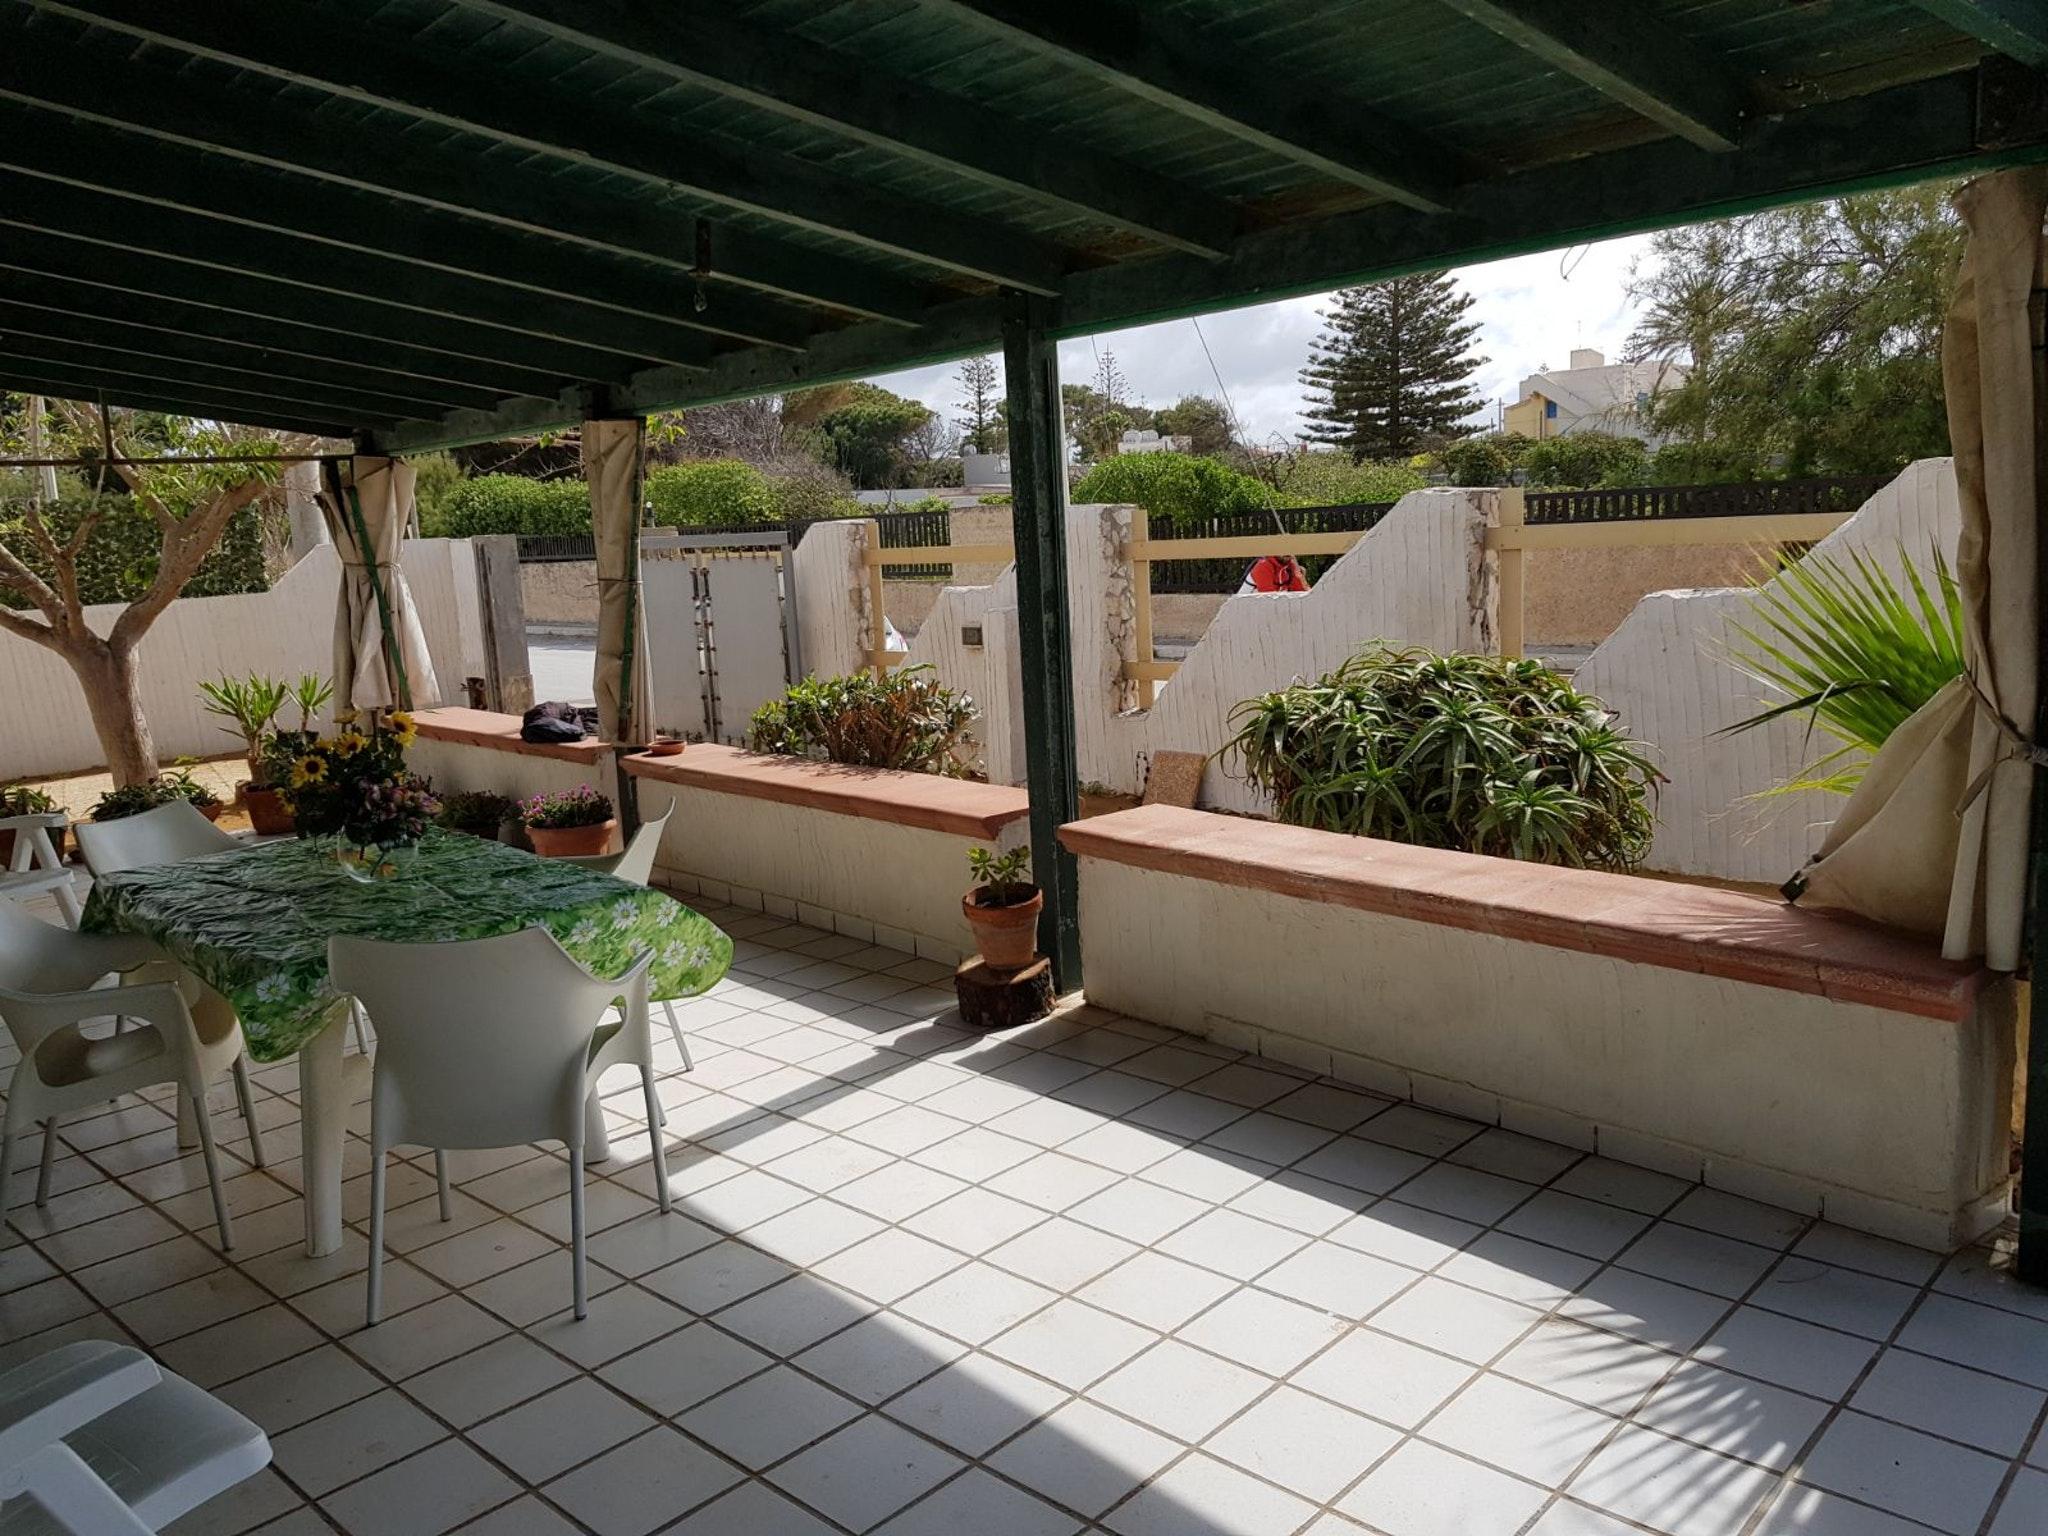 Holiday house Haus mit 3 Schlafzimmern in Mazara del Vallo mit möblierter Terrasse - 10 m vom Strand ent (2425159), Mazara del Vallo, Trapani, Sicily, Italy, picture 7